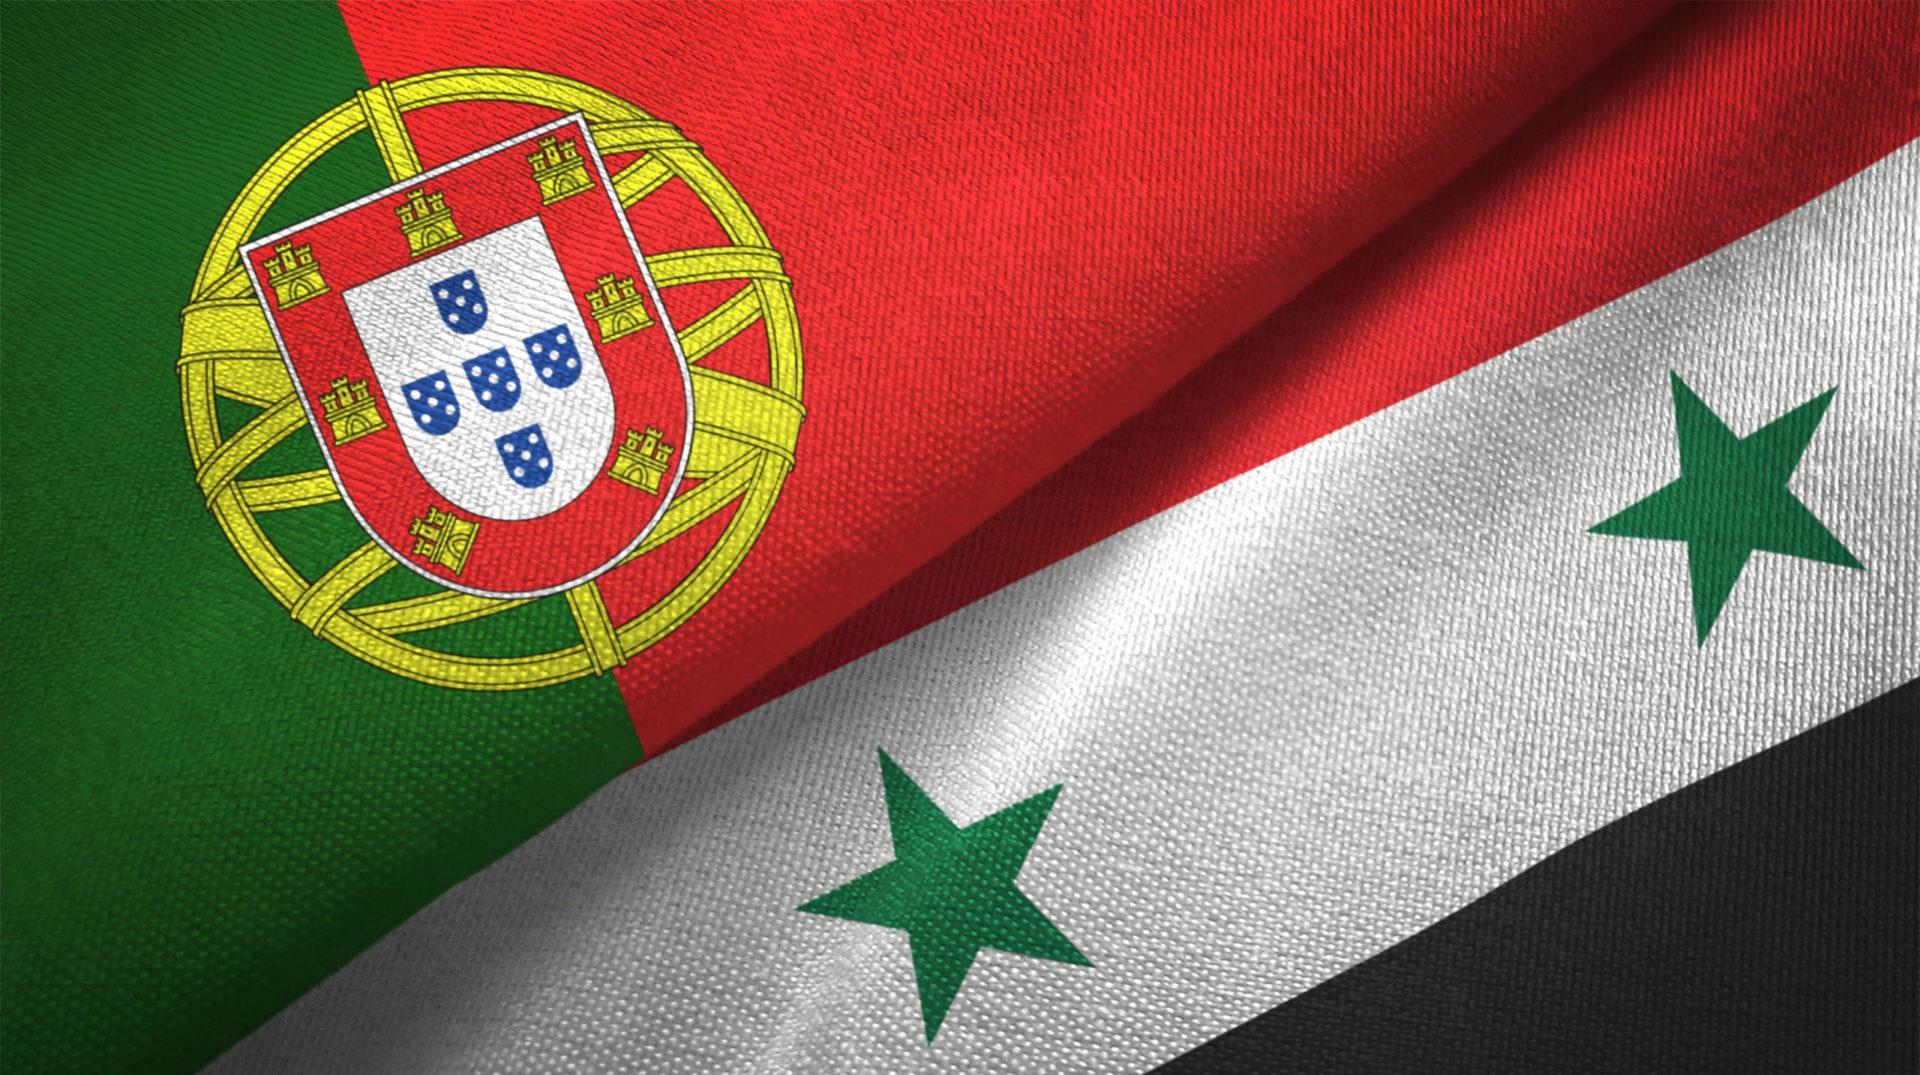 דרכון פורטוגלי ליוצאי סוריה – כל המידע שתצטרכו: